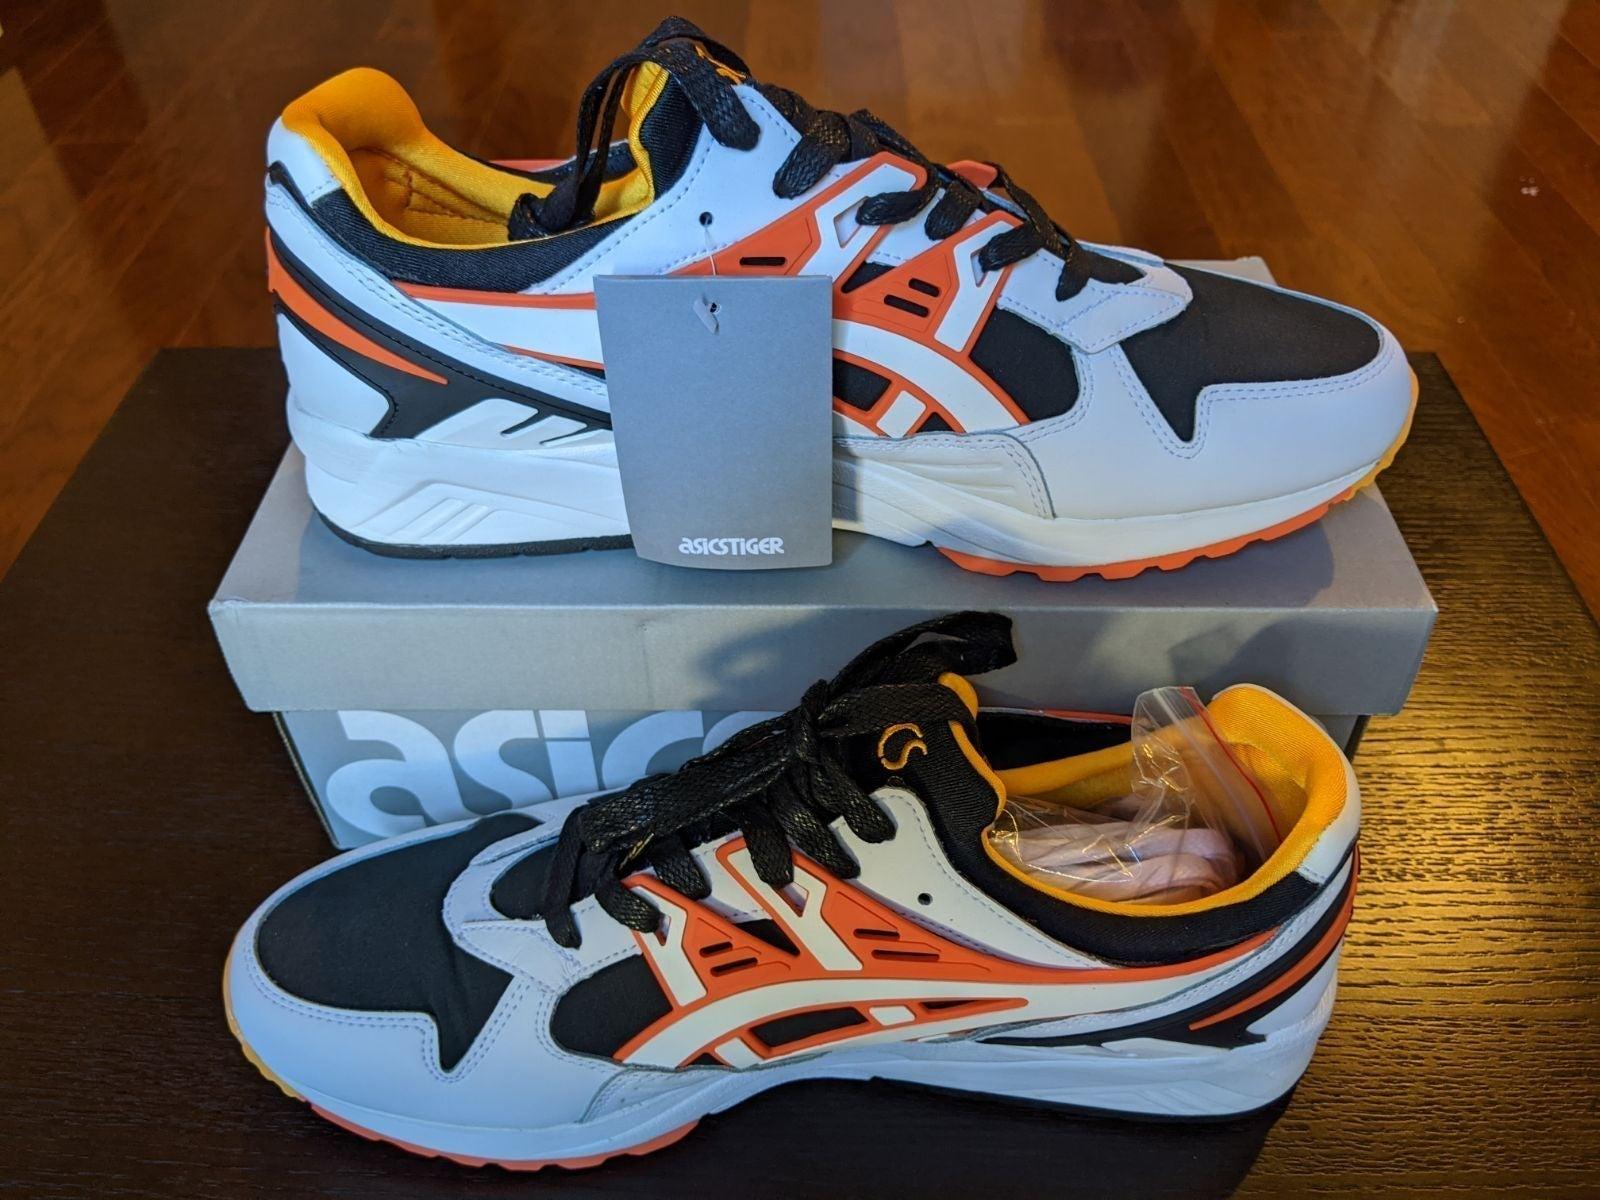 Men's Asics Tiger Gel Kayano Shoes 11.5